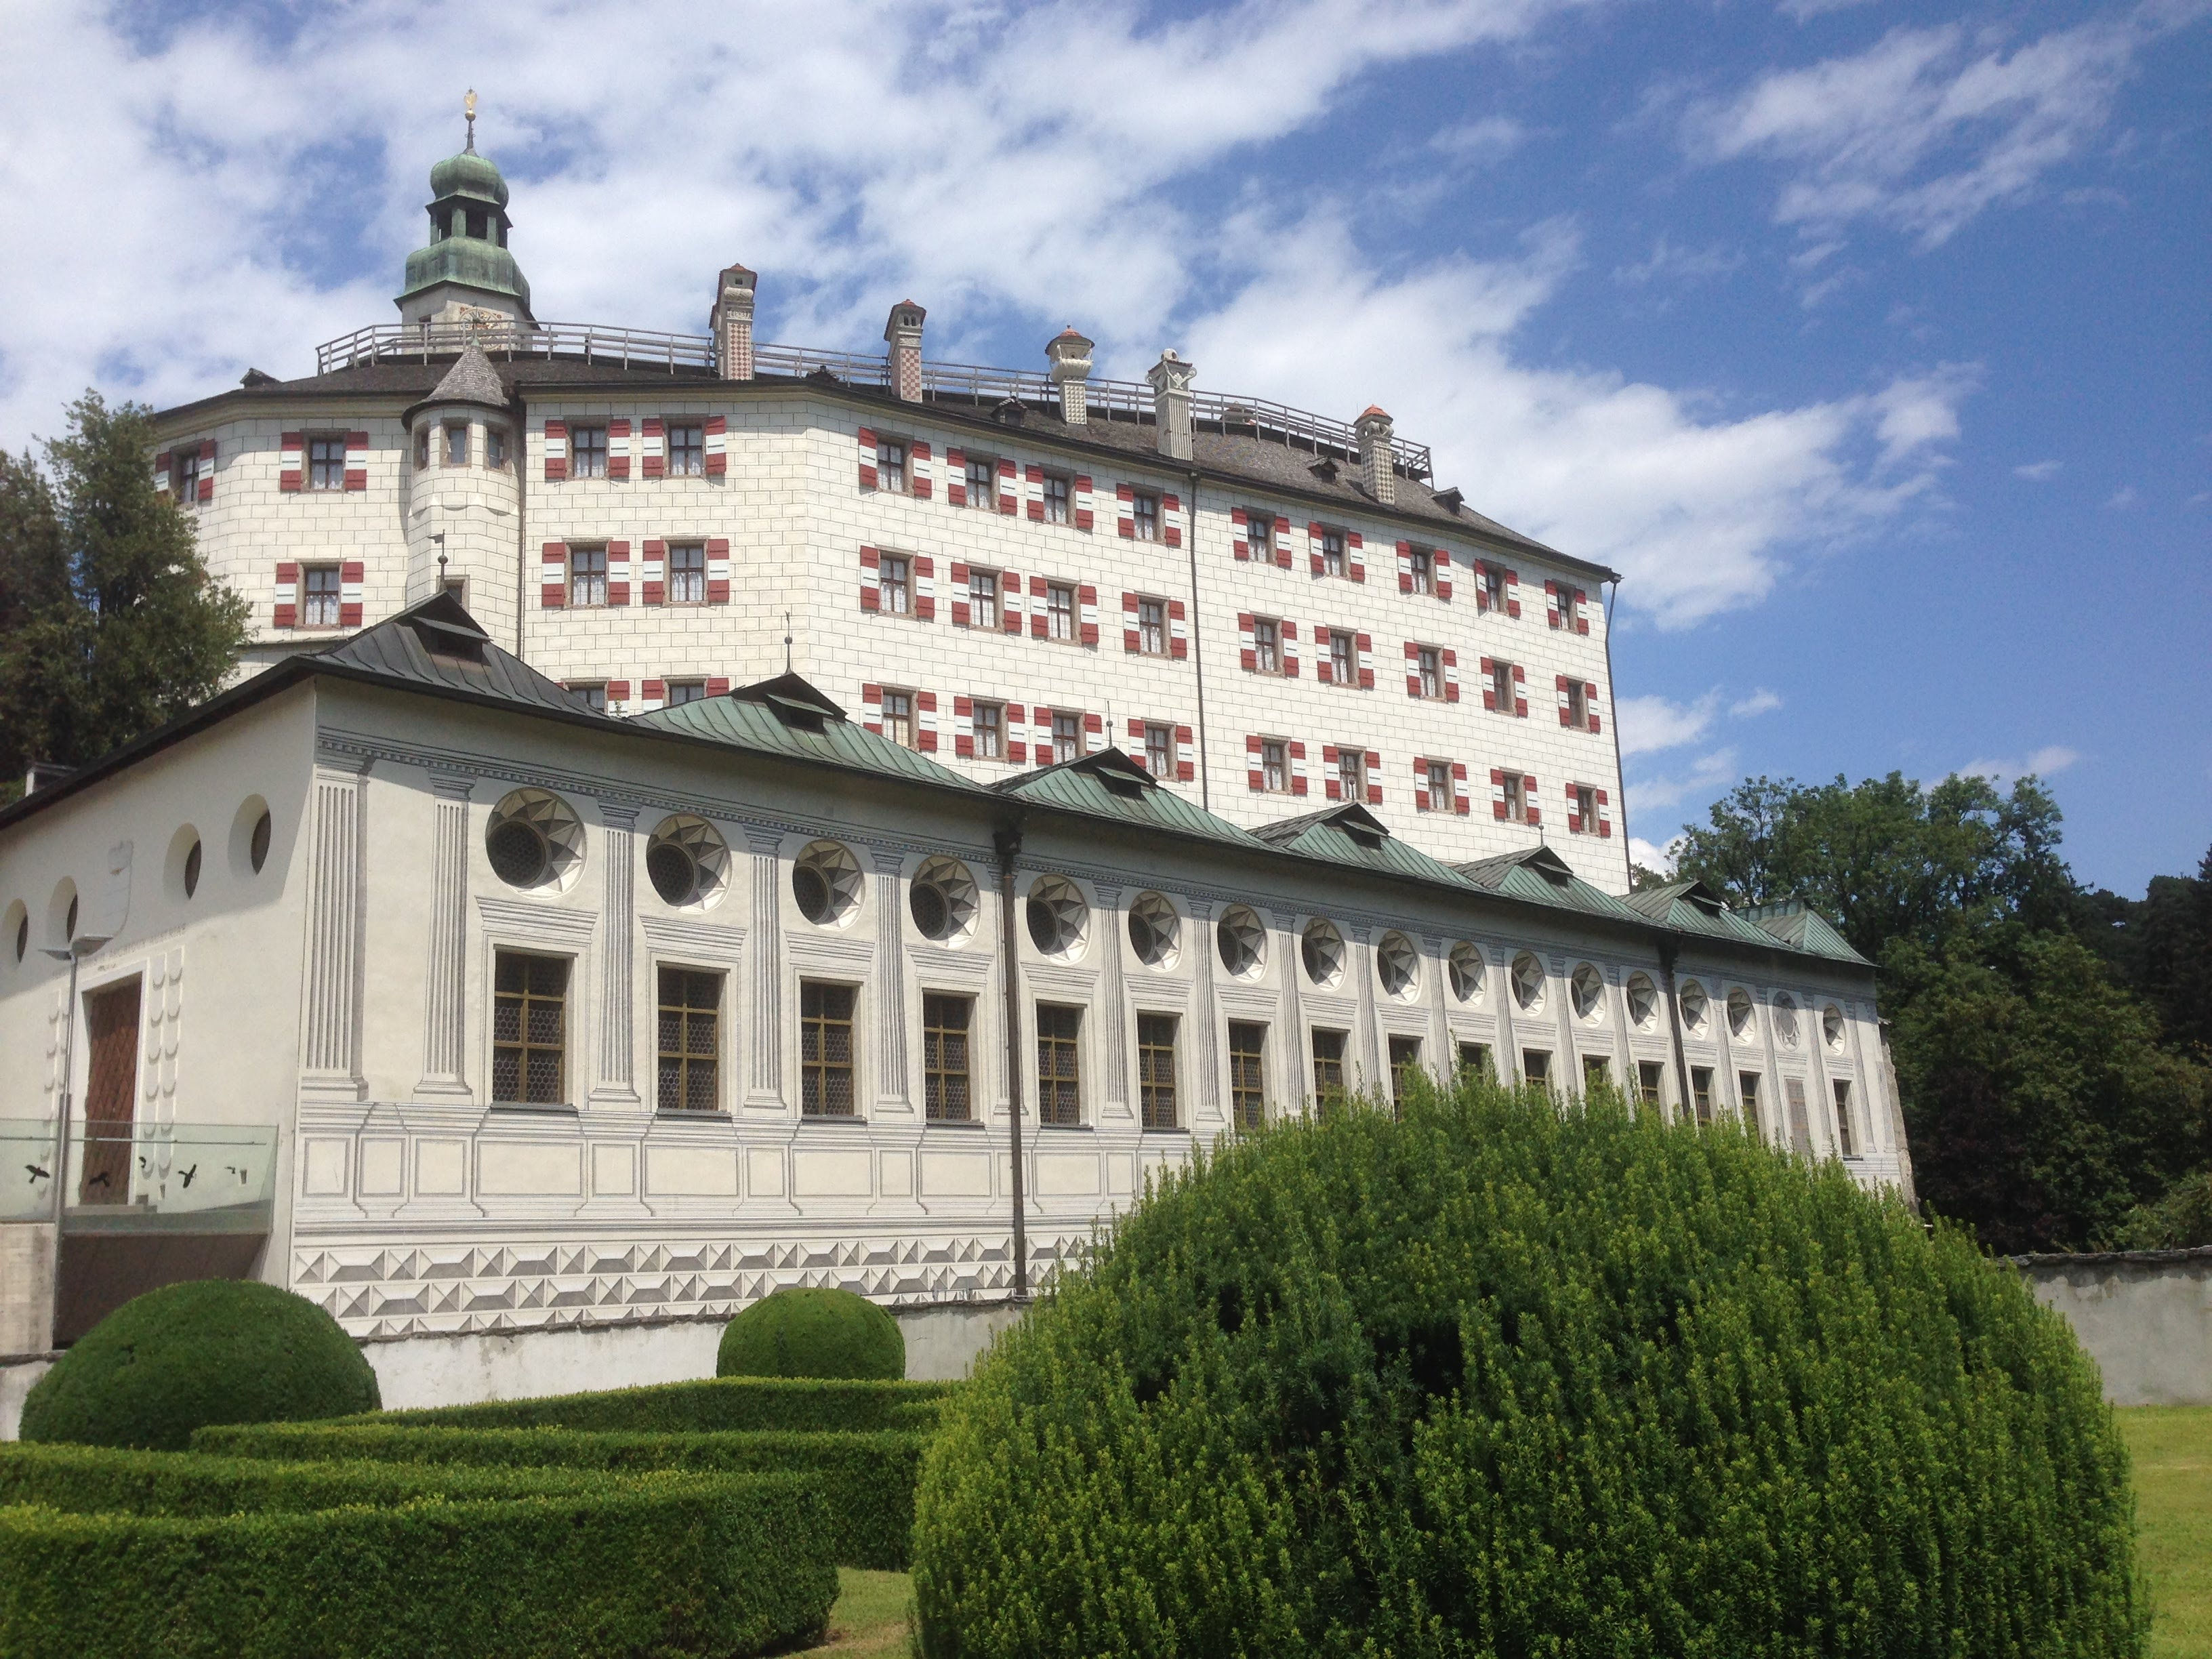 Schloss Ambrass Innsbruck Austria castle